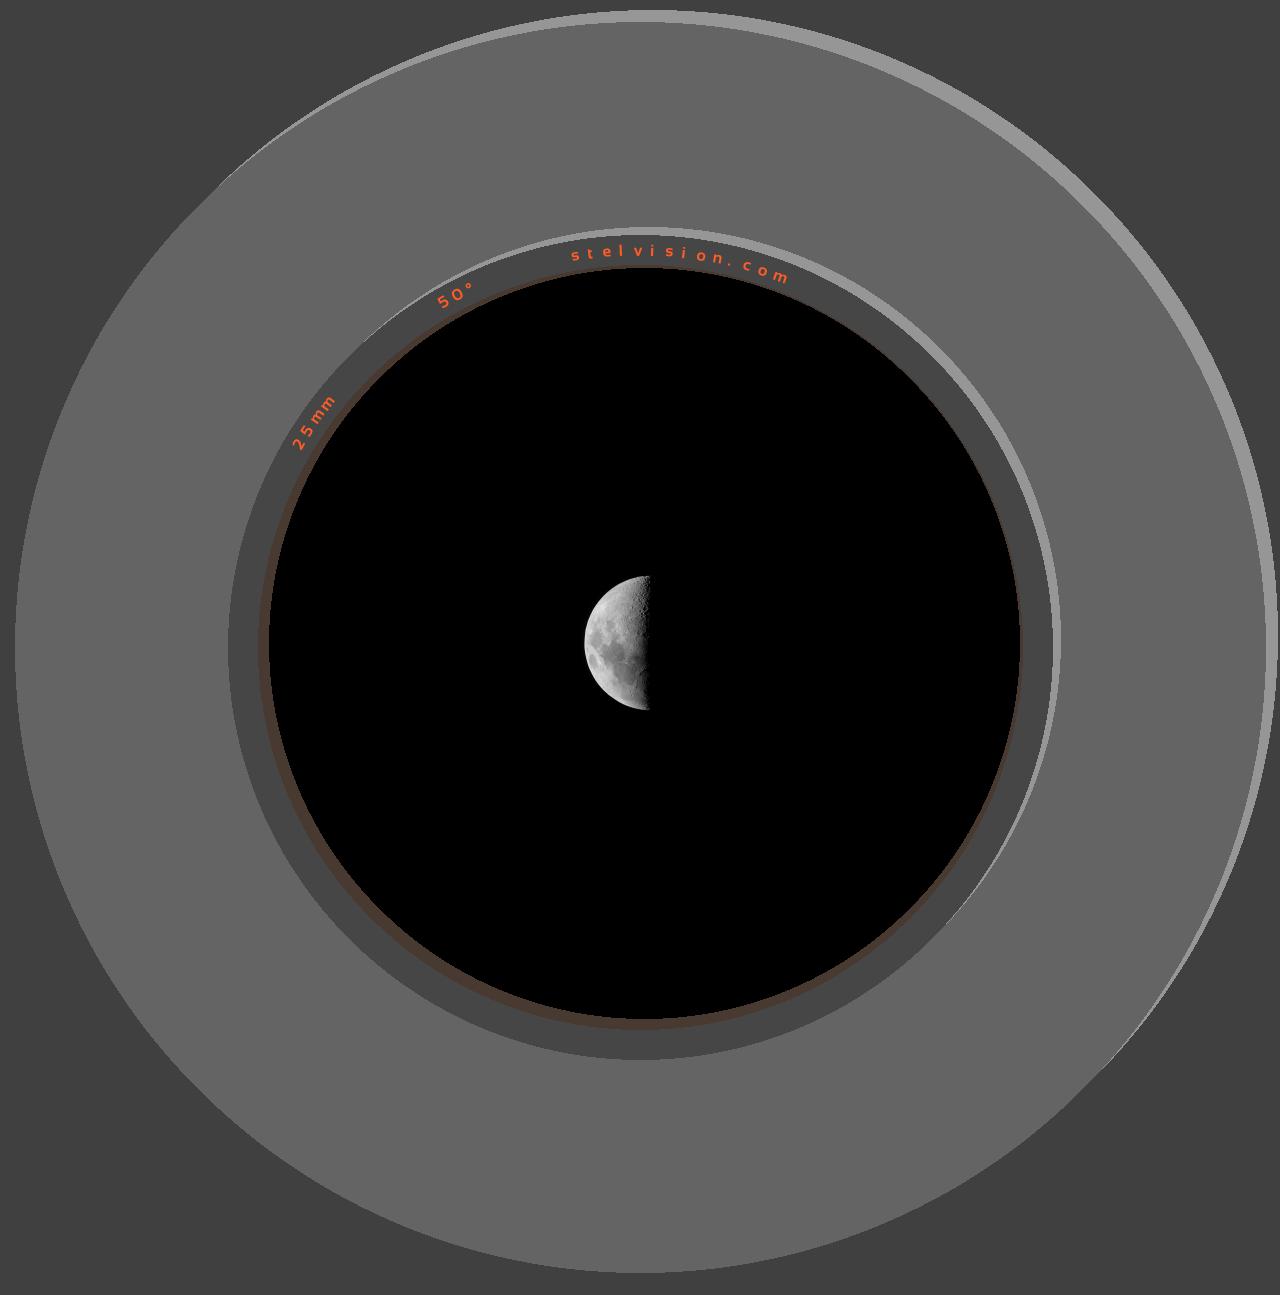 114/450 f/D : 3.9